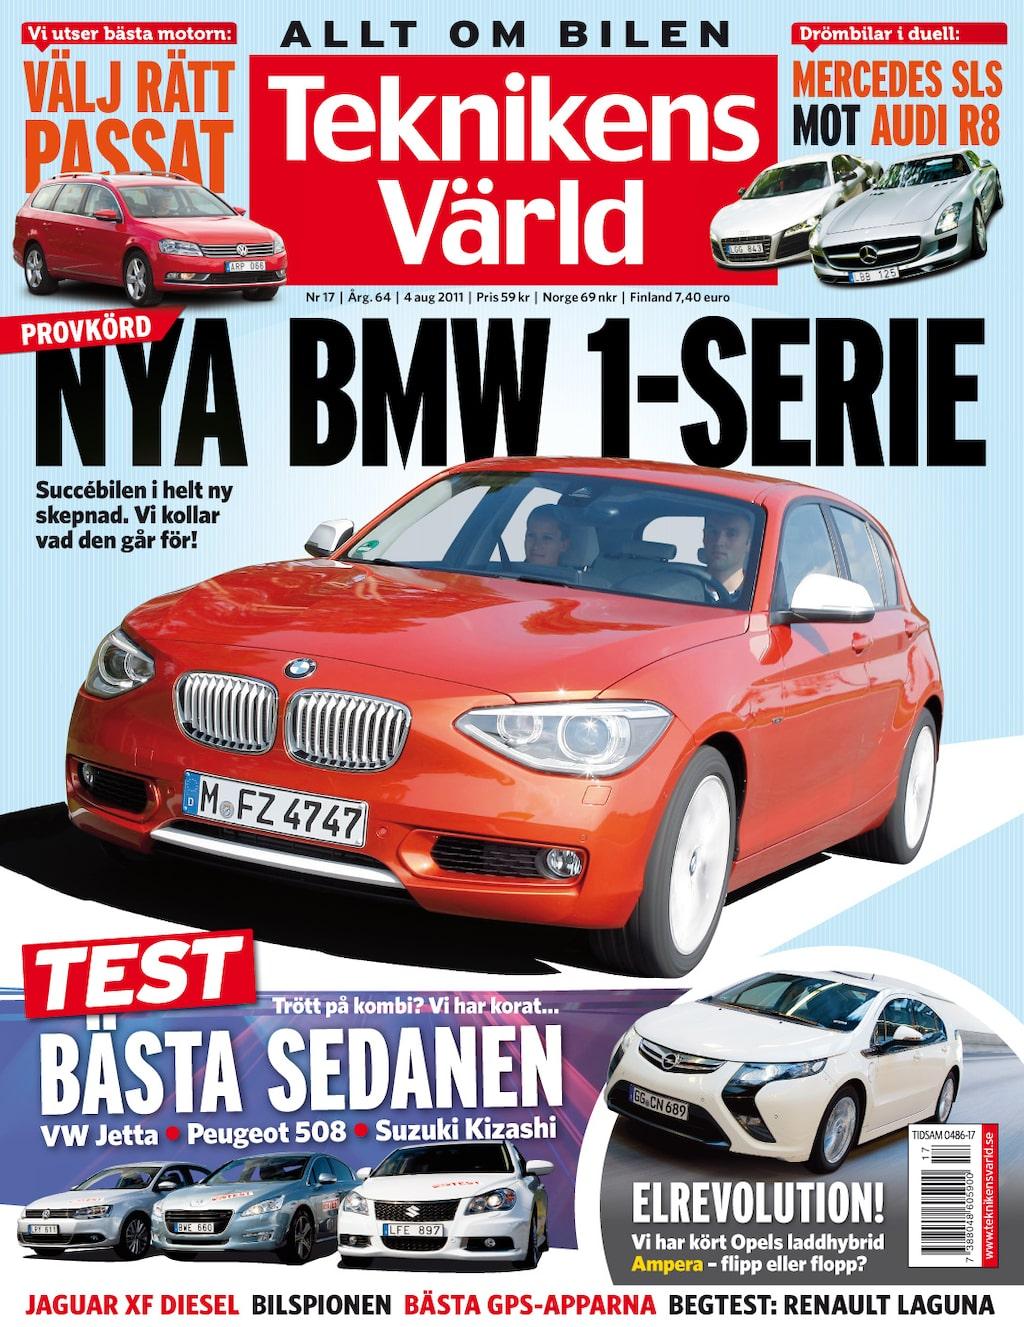 Teknikens Värld nummer 17 / 2011